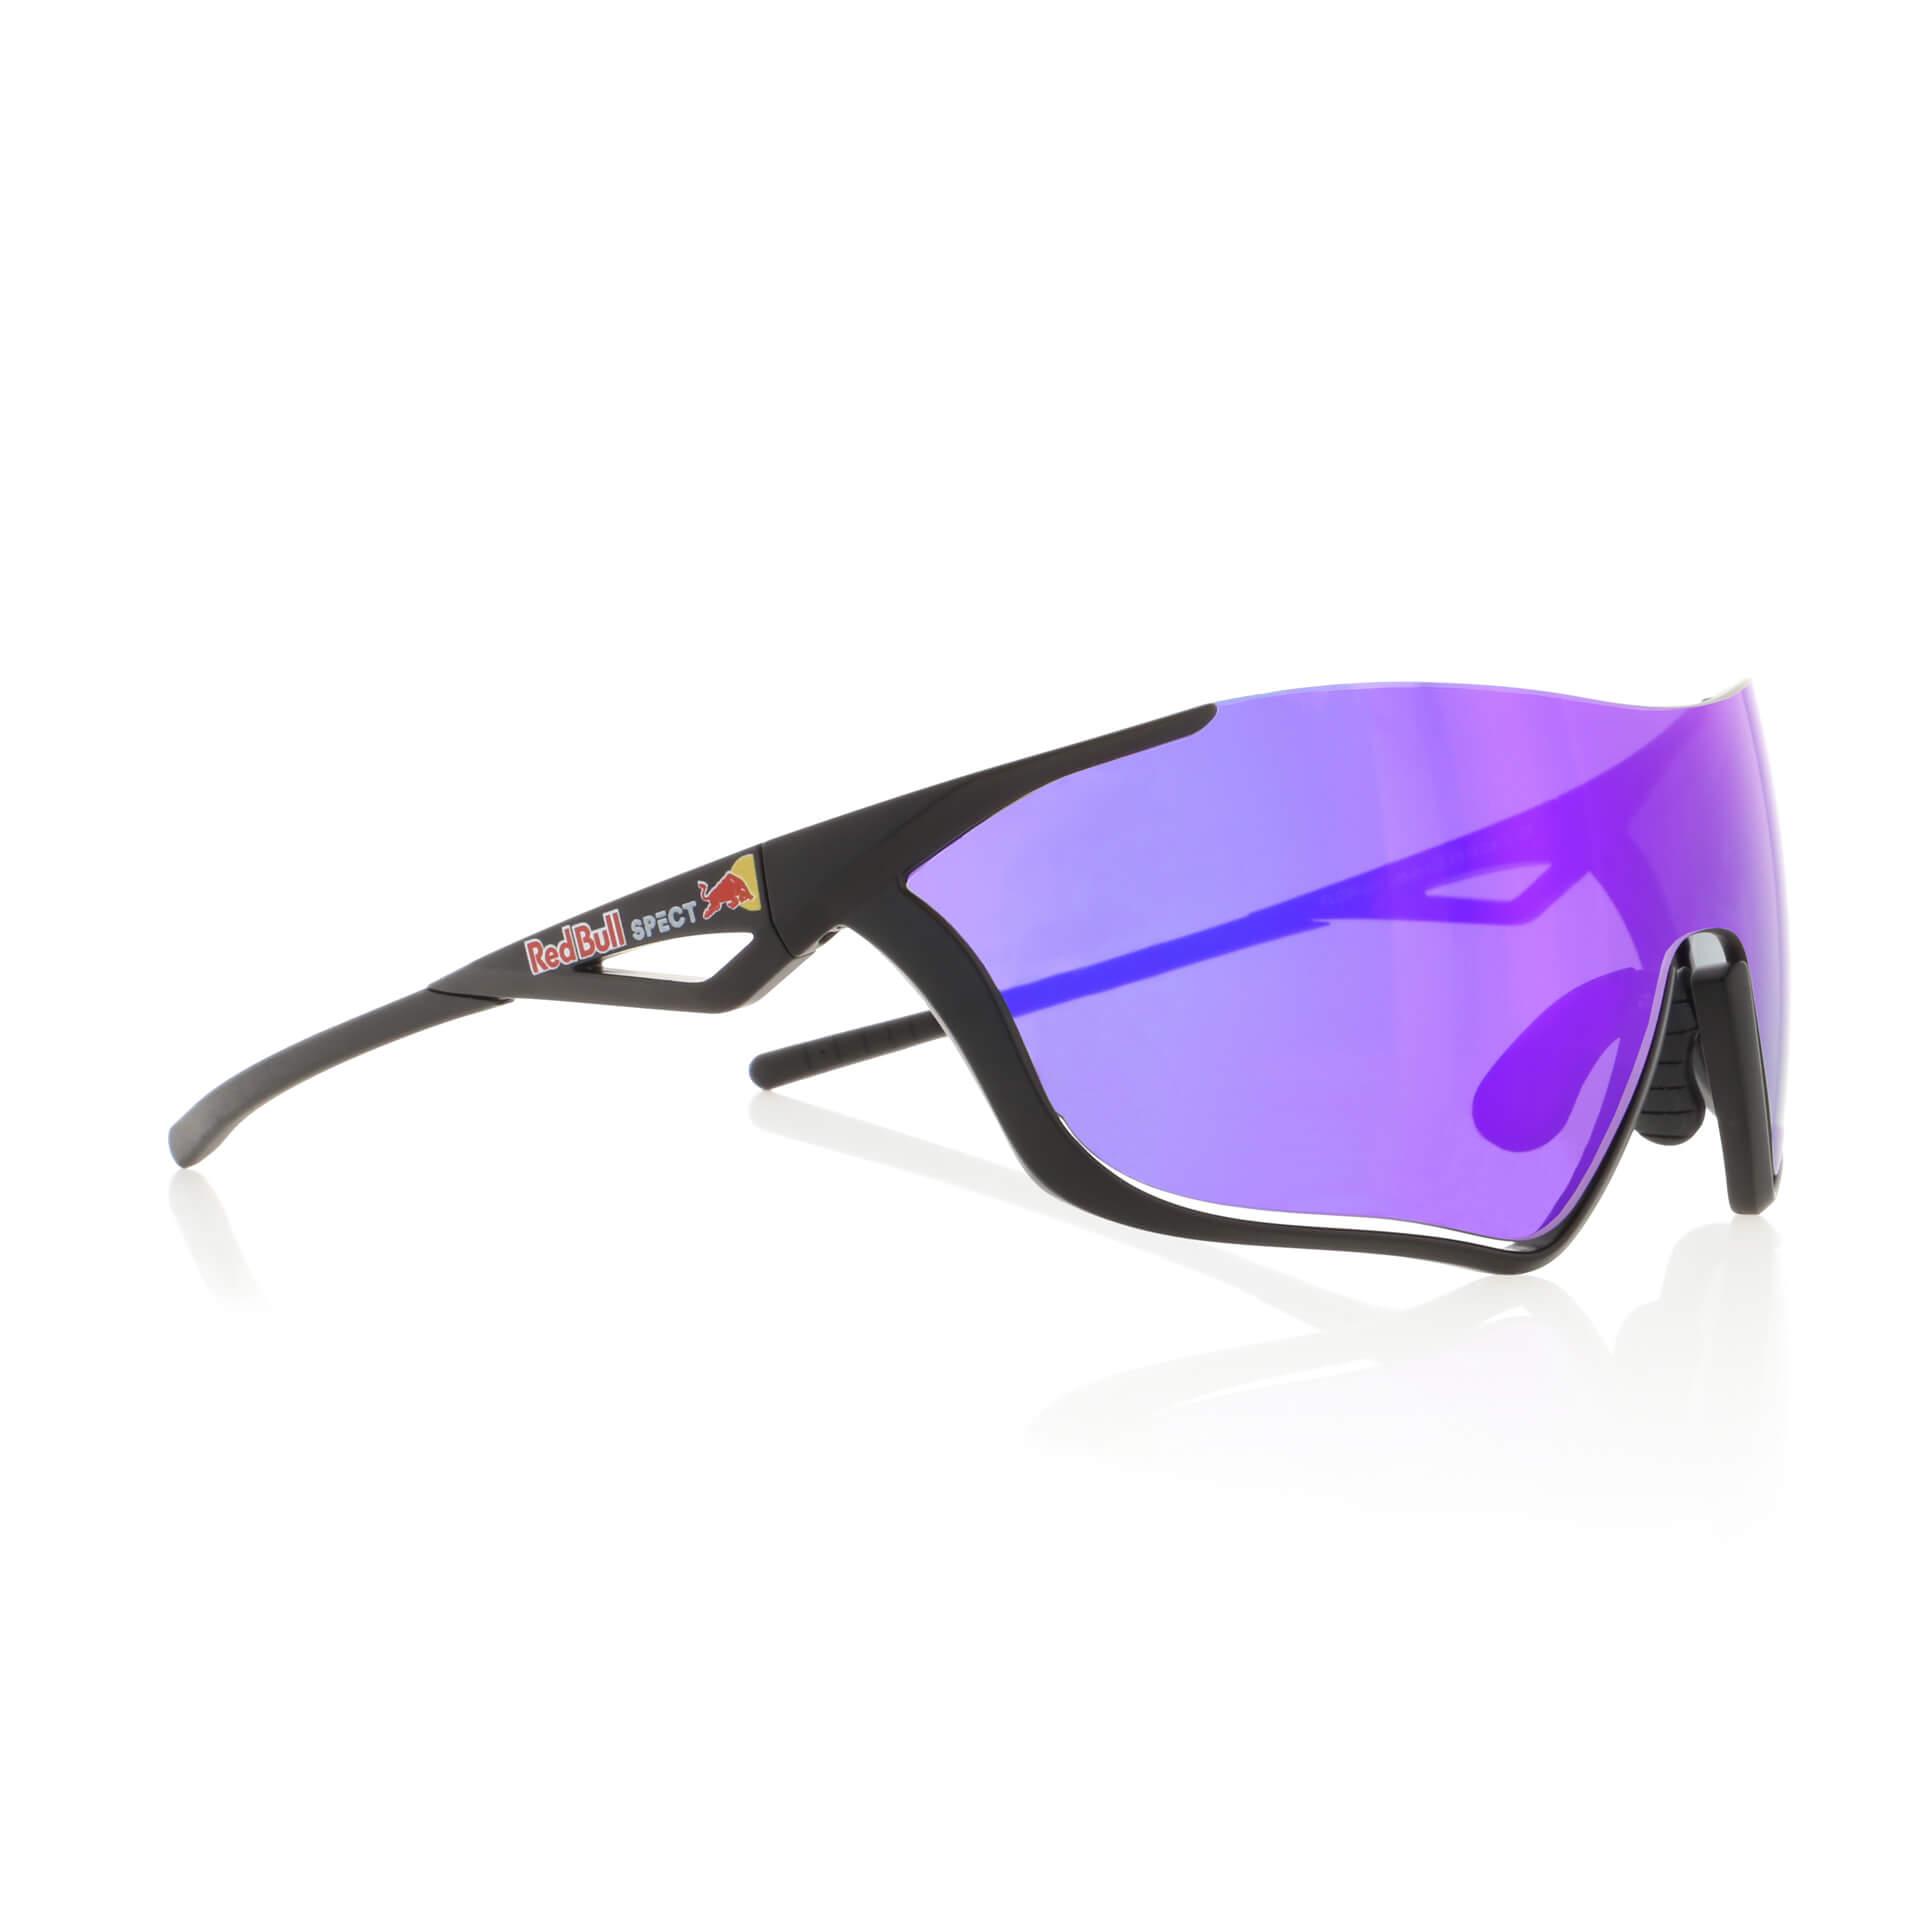 Red Bull SPECT FLOW 速度因紫